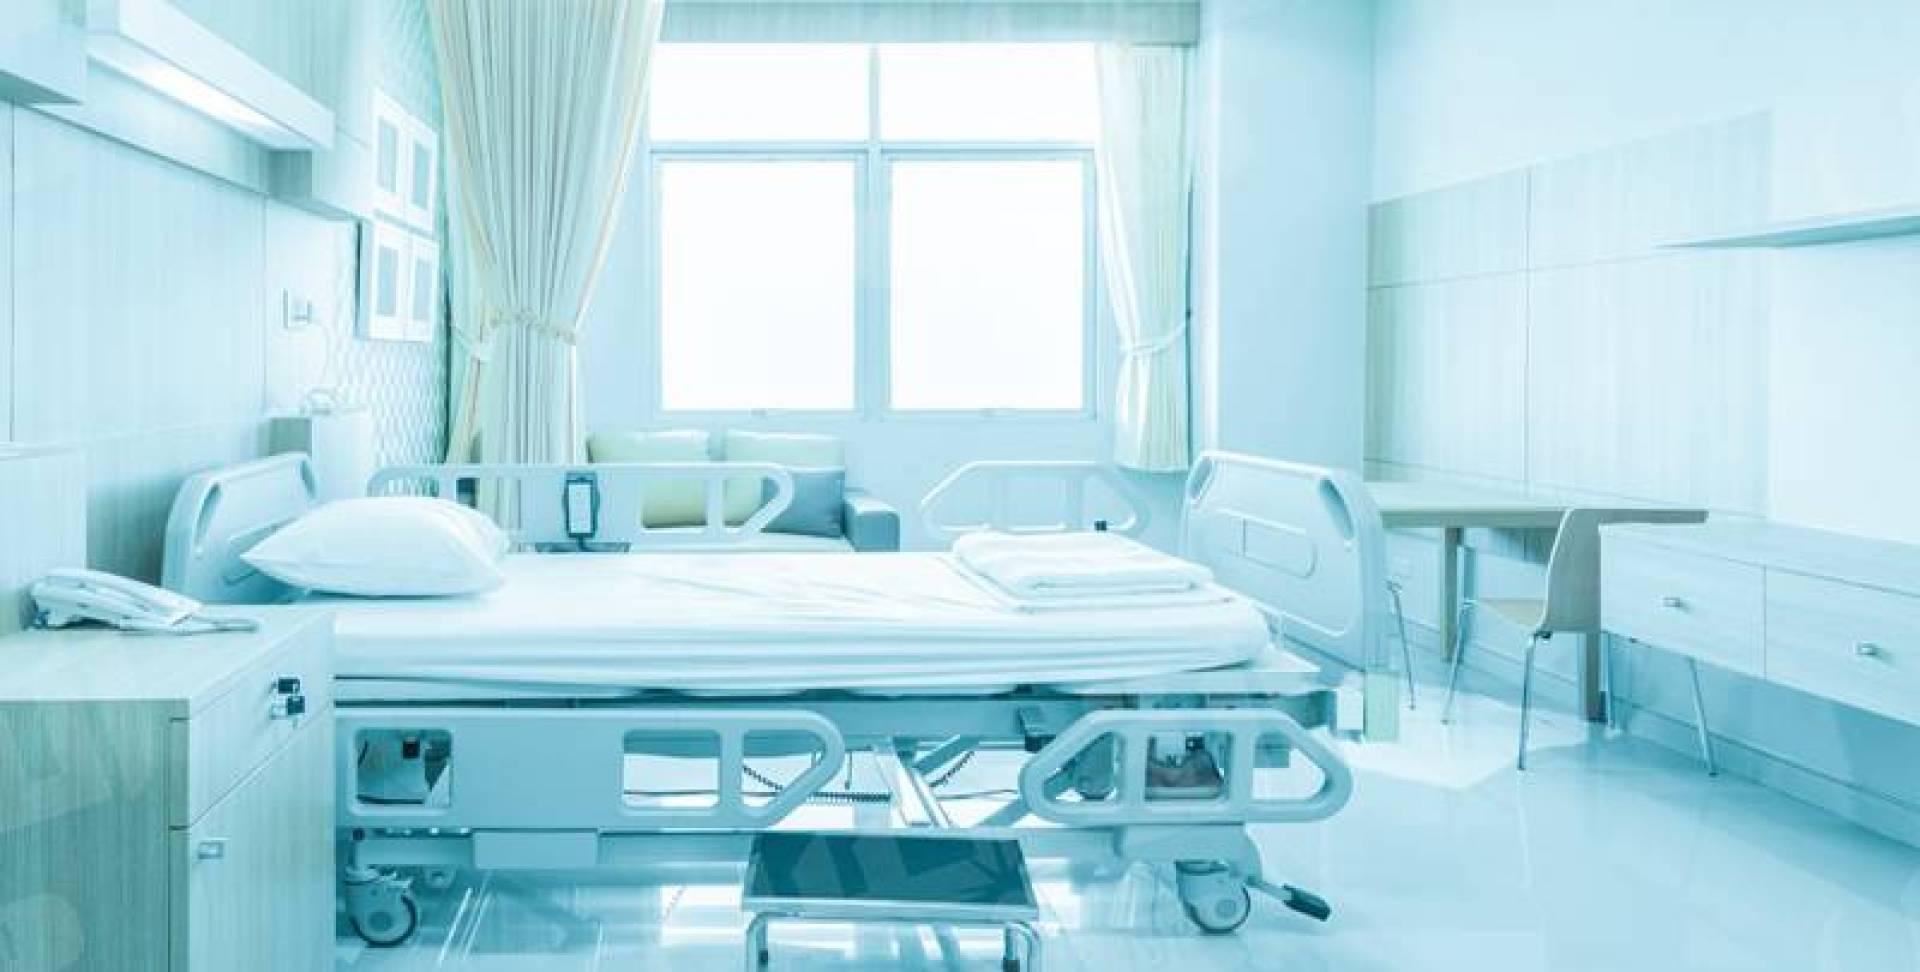 «المالية» تعمل على استخراج تراخيص مستشفى المتقاعدين